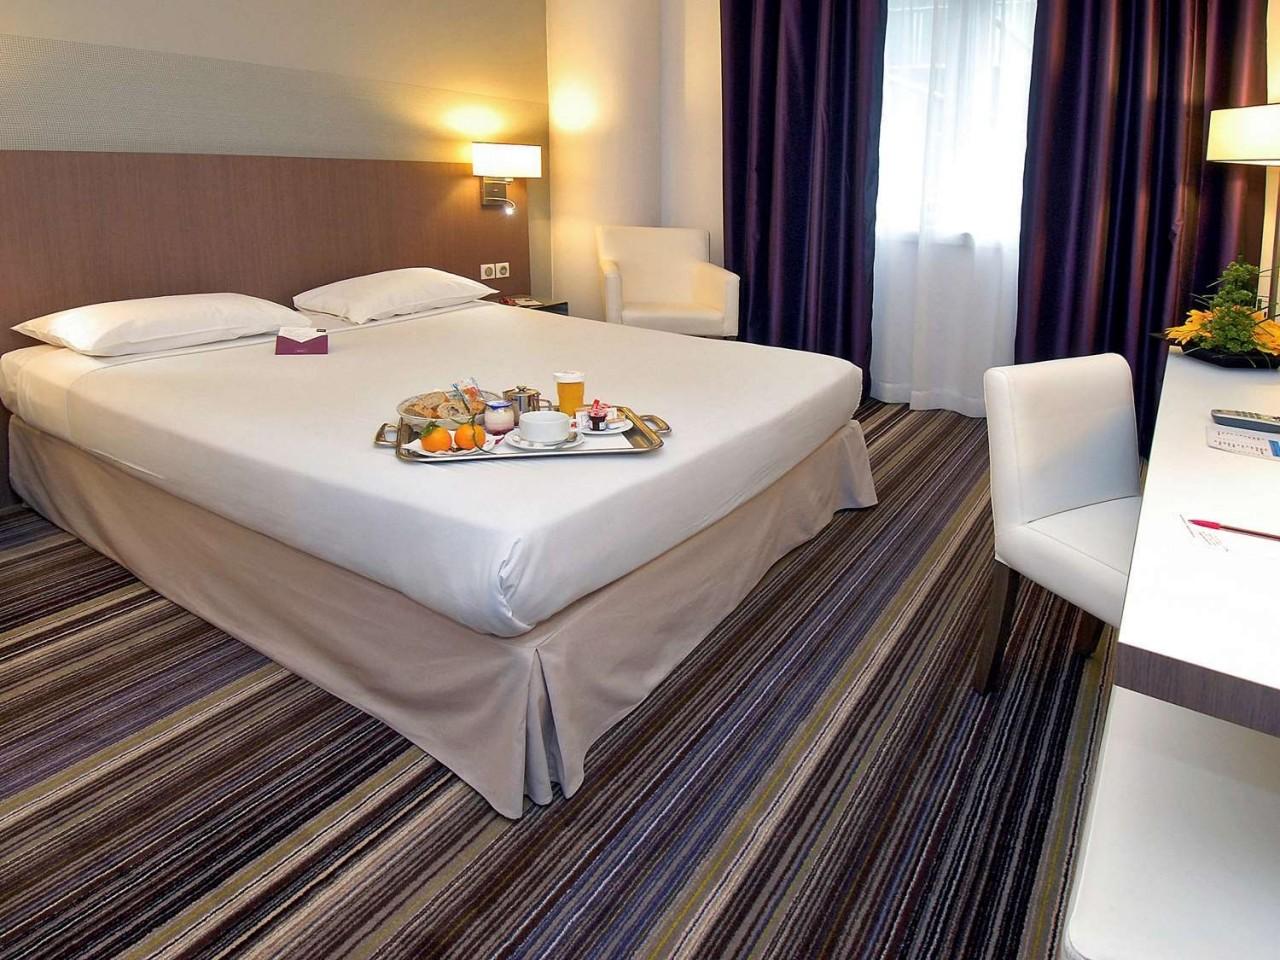 Hotel Mercure Bordeaux Cite Mondiale Centre Ville Bordeaux Aussenansicht 12 1280x1280